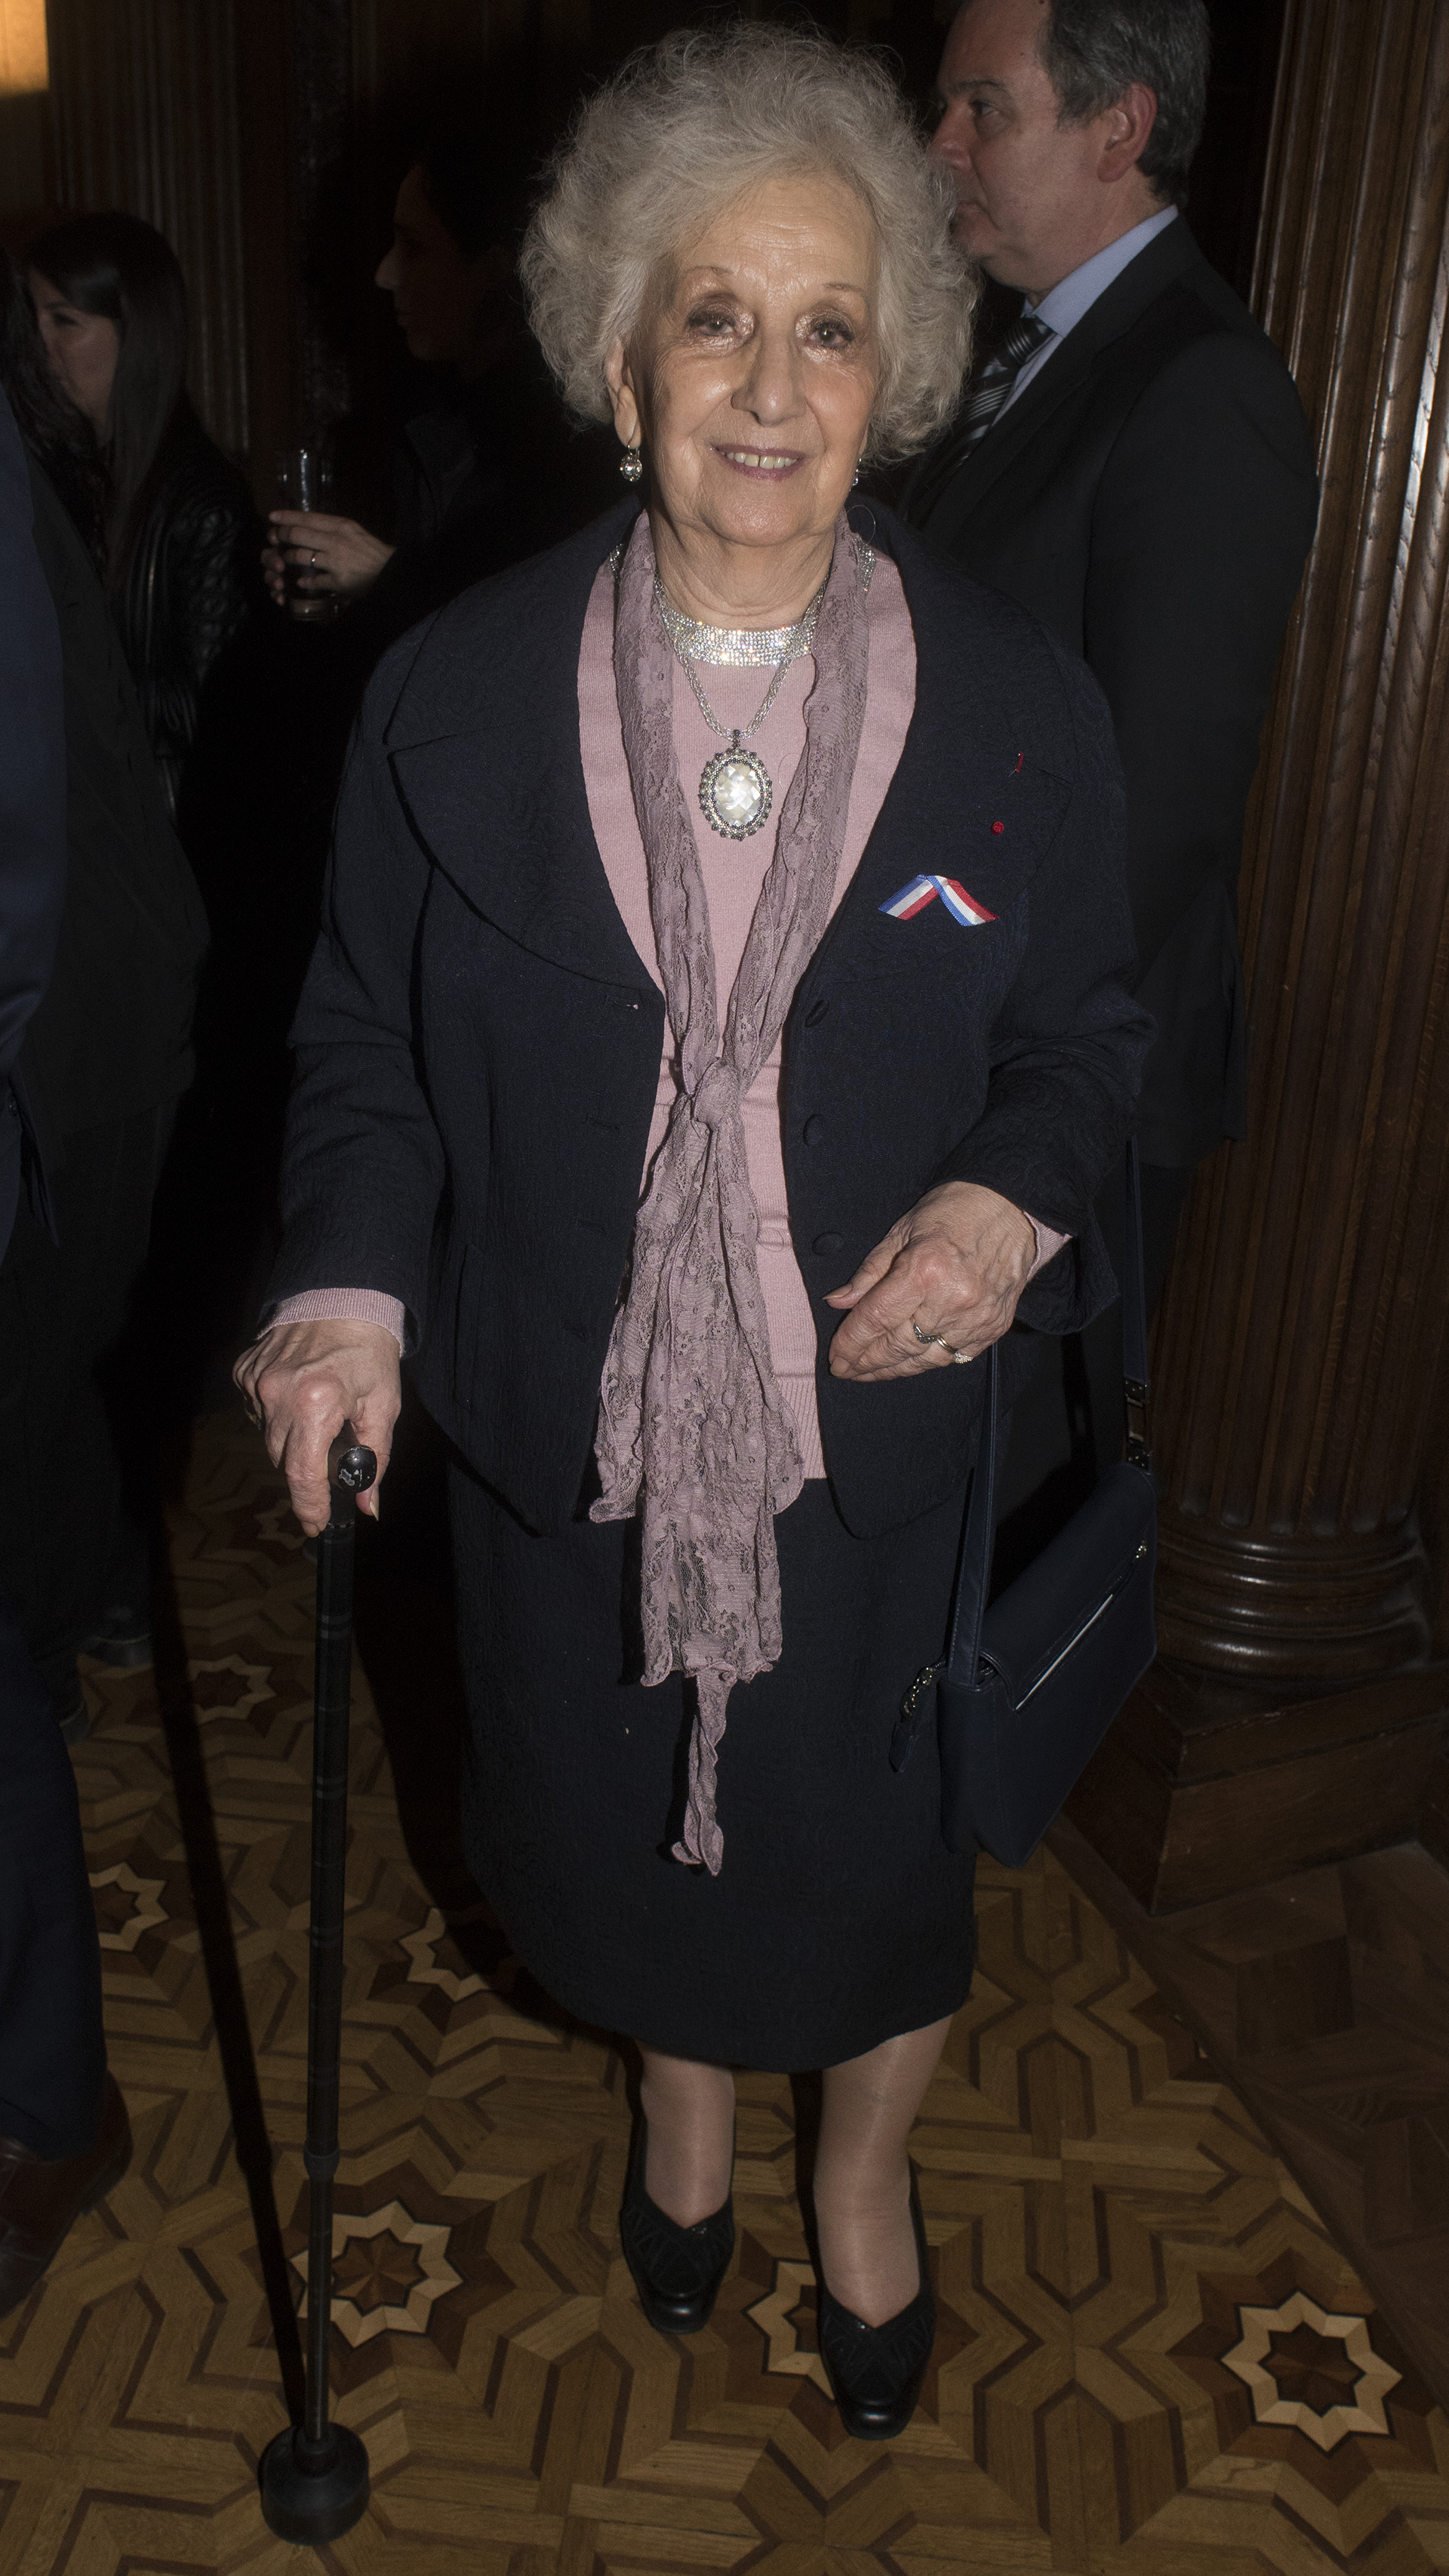 La presidenta de Abuelas de Plaza de Mayo, Estela de Carlotto